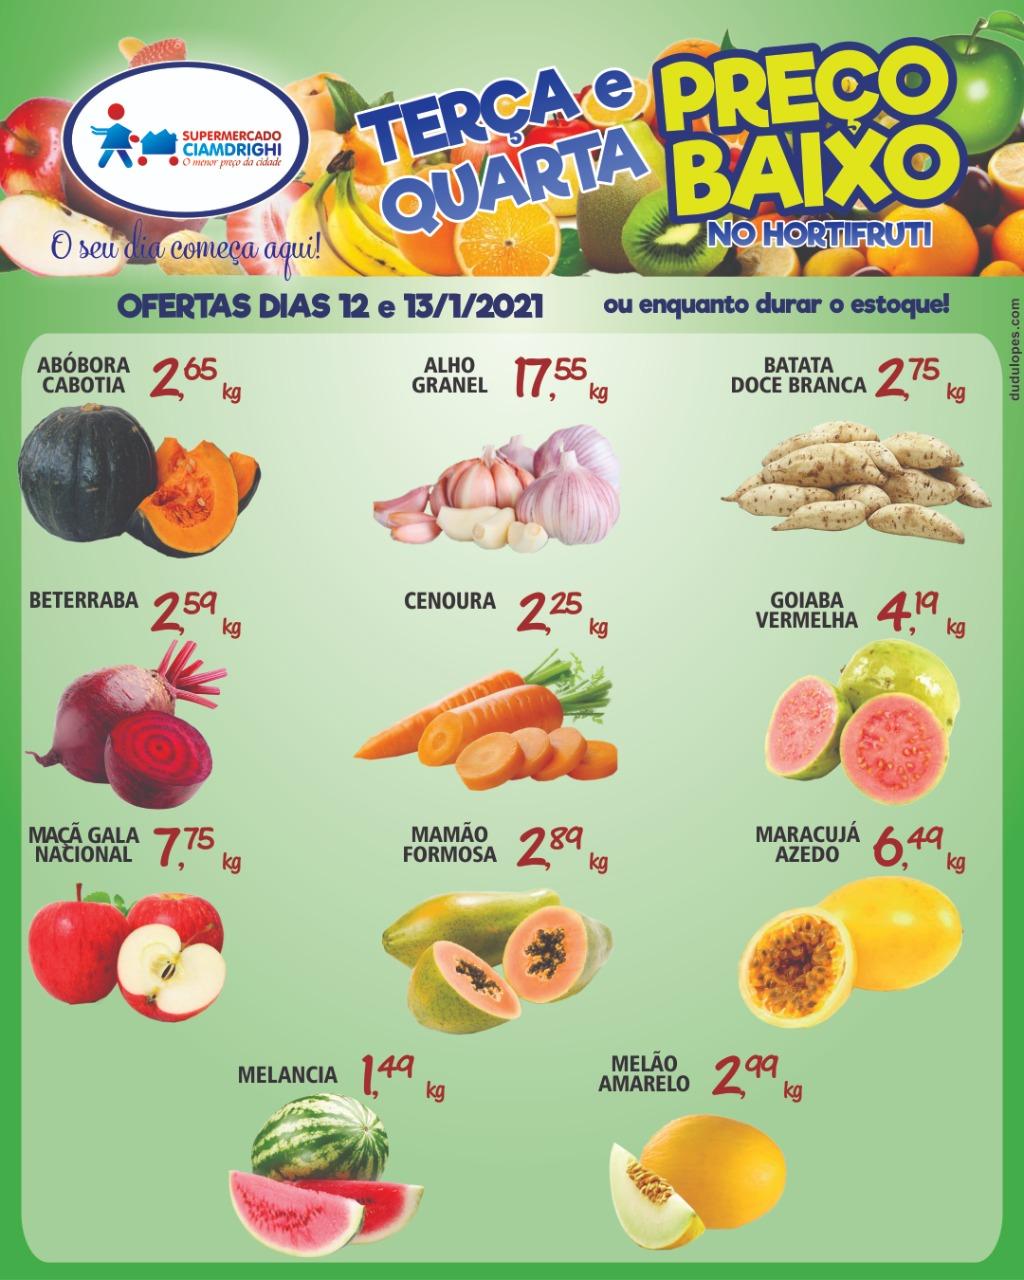 Ciamdrighi tem 11 ofertas de hortifrúti para a terça e quarta-feira